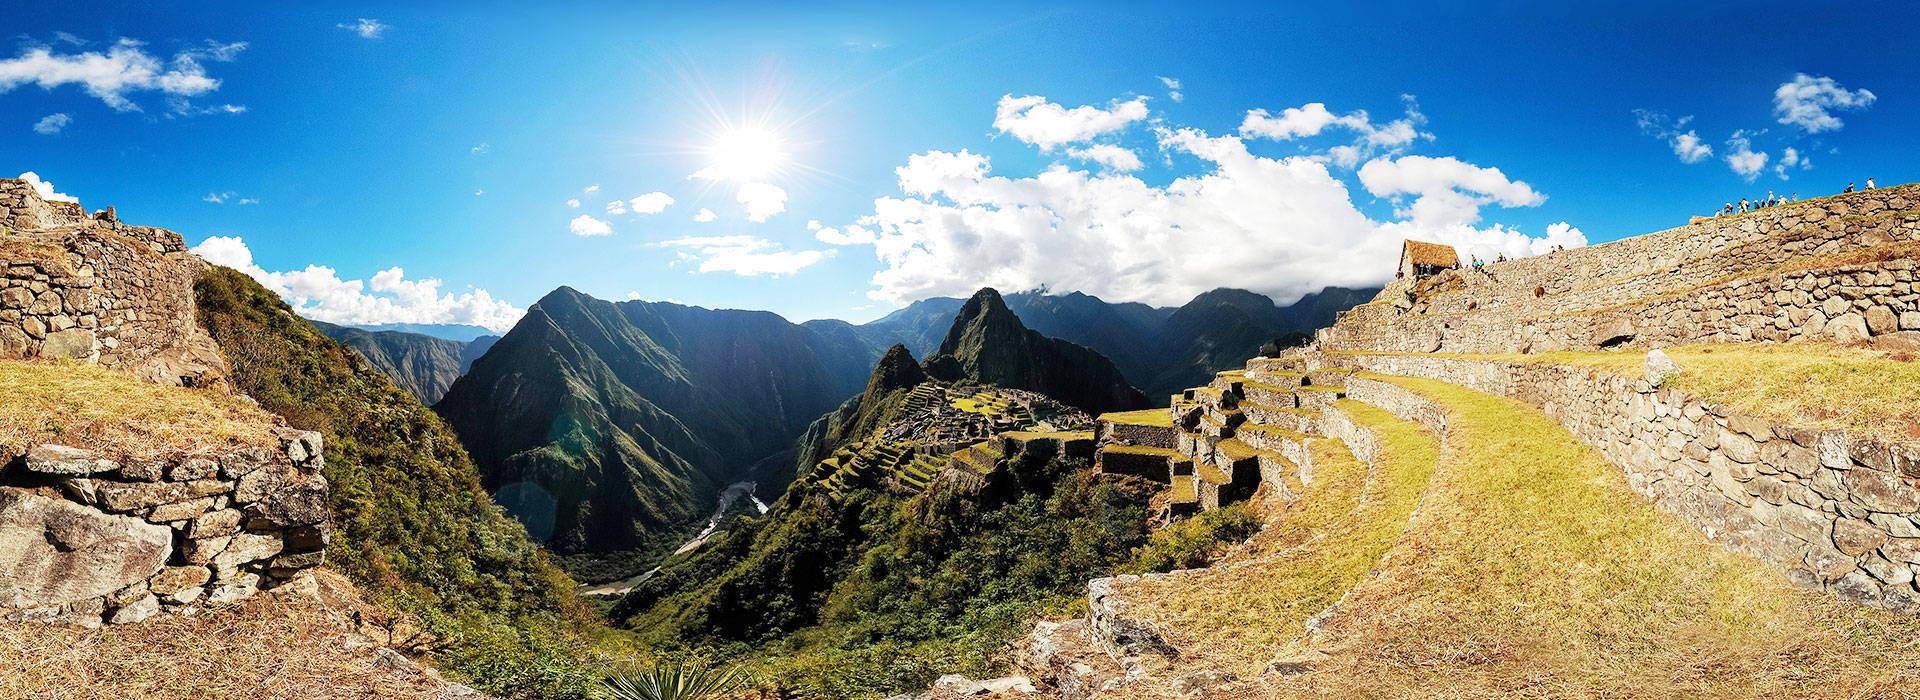 Machu Picchu 2D/1N